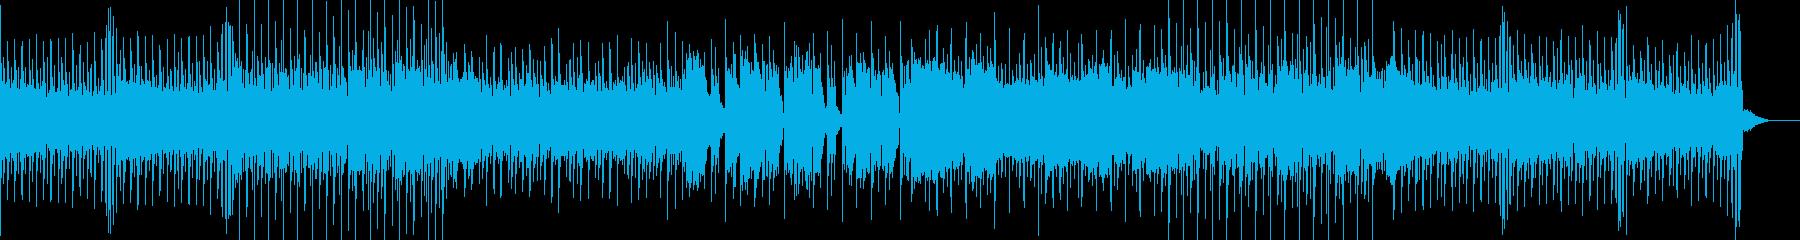 軽快なリズムと耳に残るミニマルなメロディの再生済みの波形